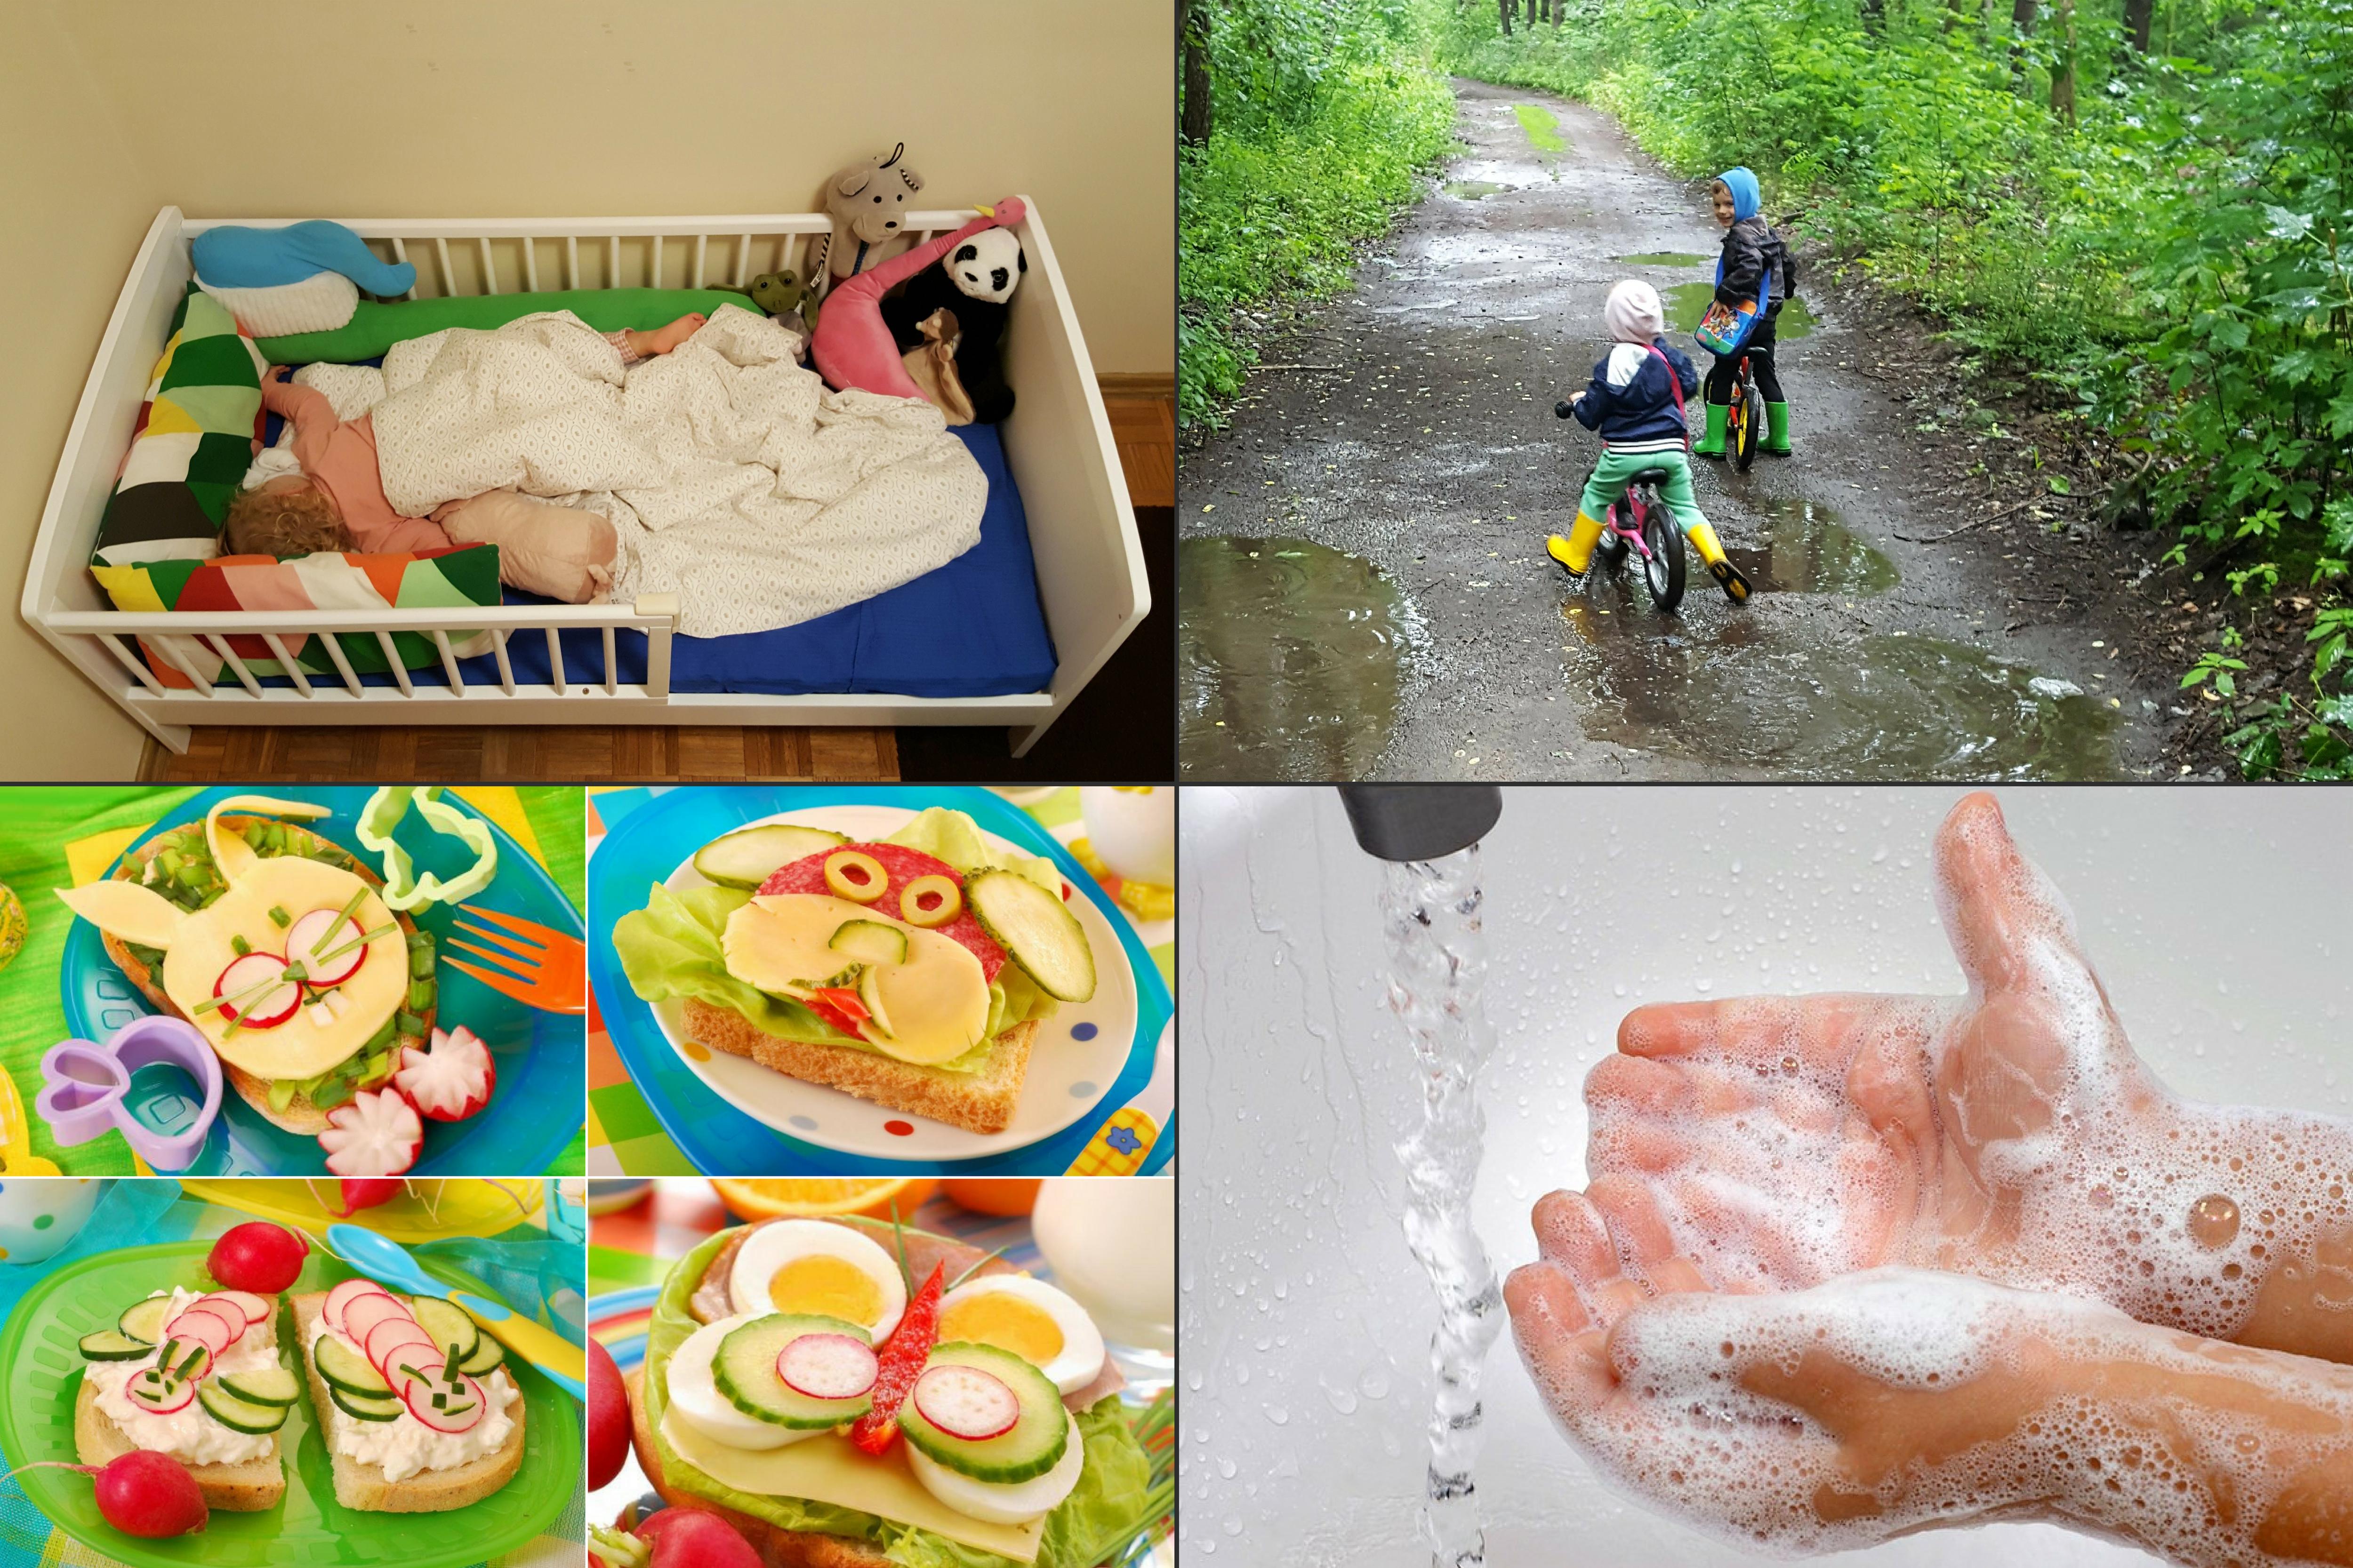 Sen, odpoczynek, spacery, zbilansowana dieta, mycie rąk, odporność Matka Aptekarka